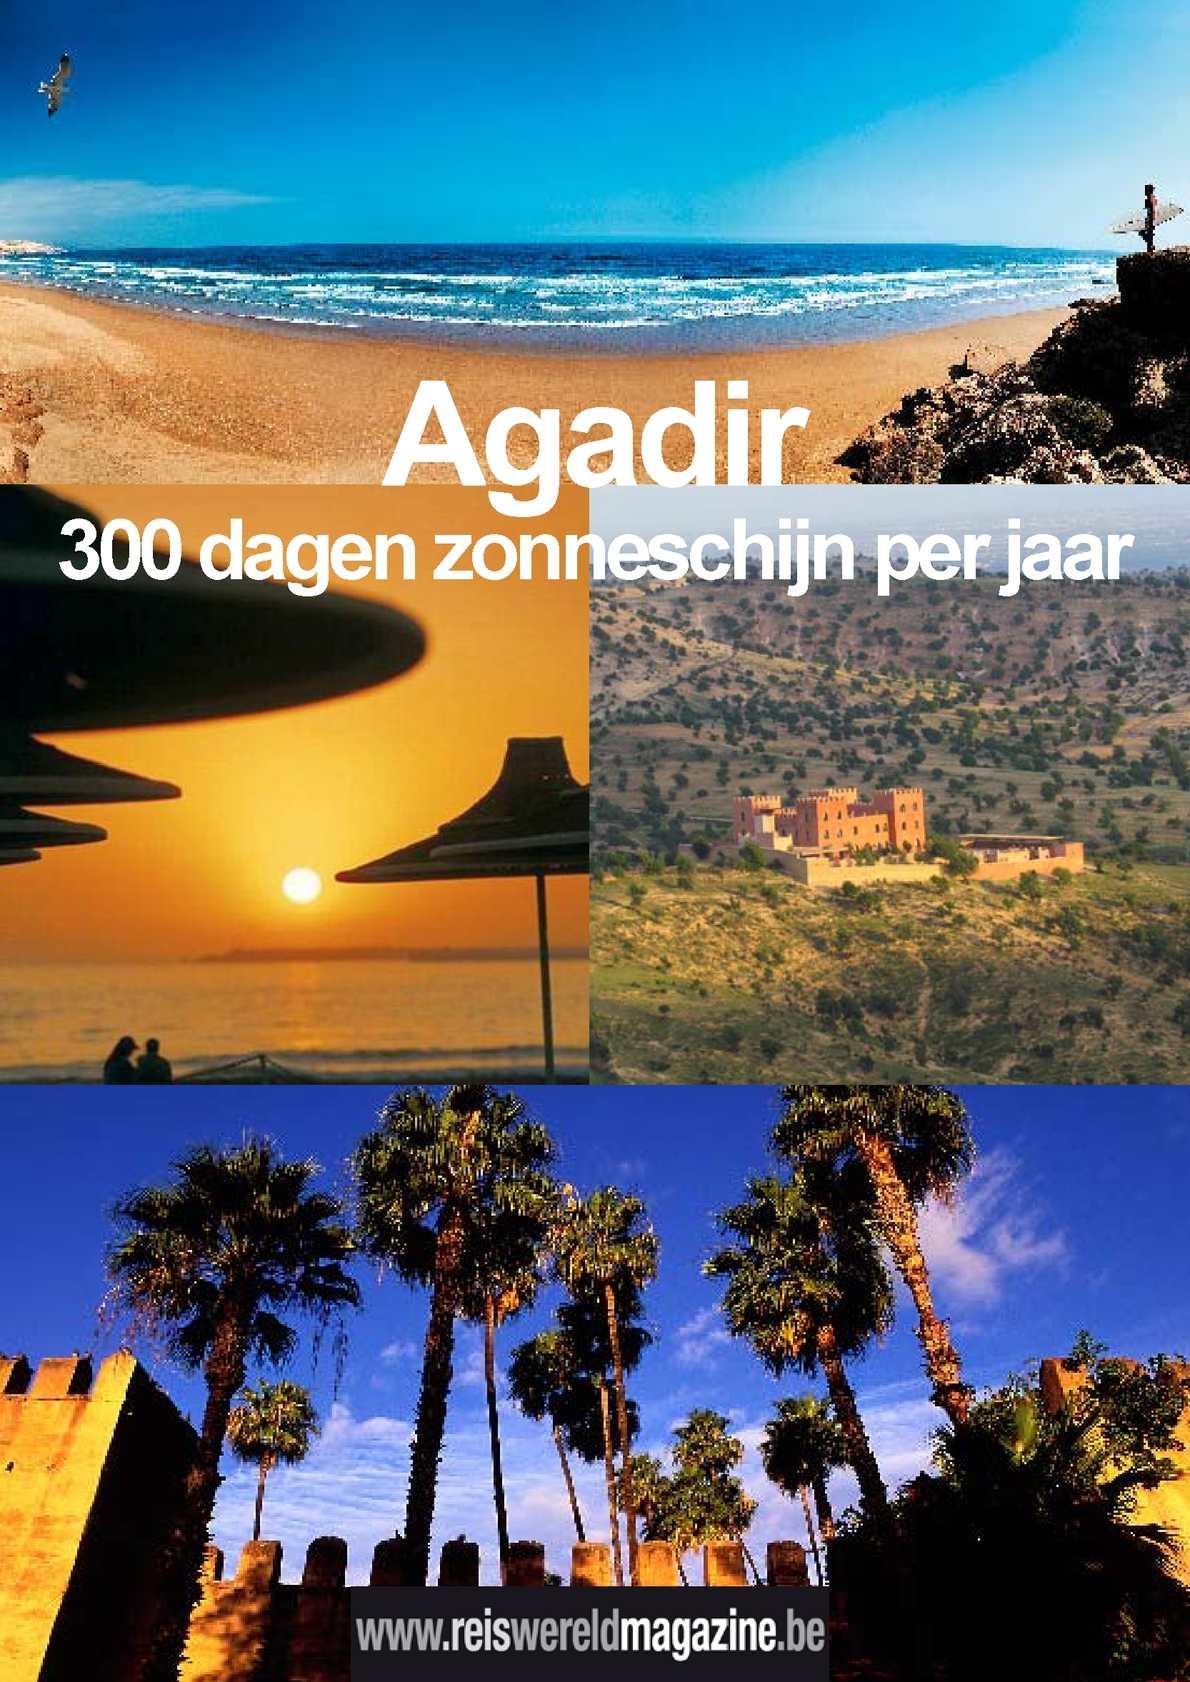 Agadir en omgeving: reportage van Reiswereld Magazine.be